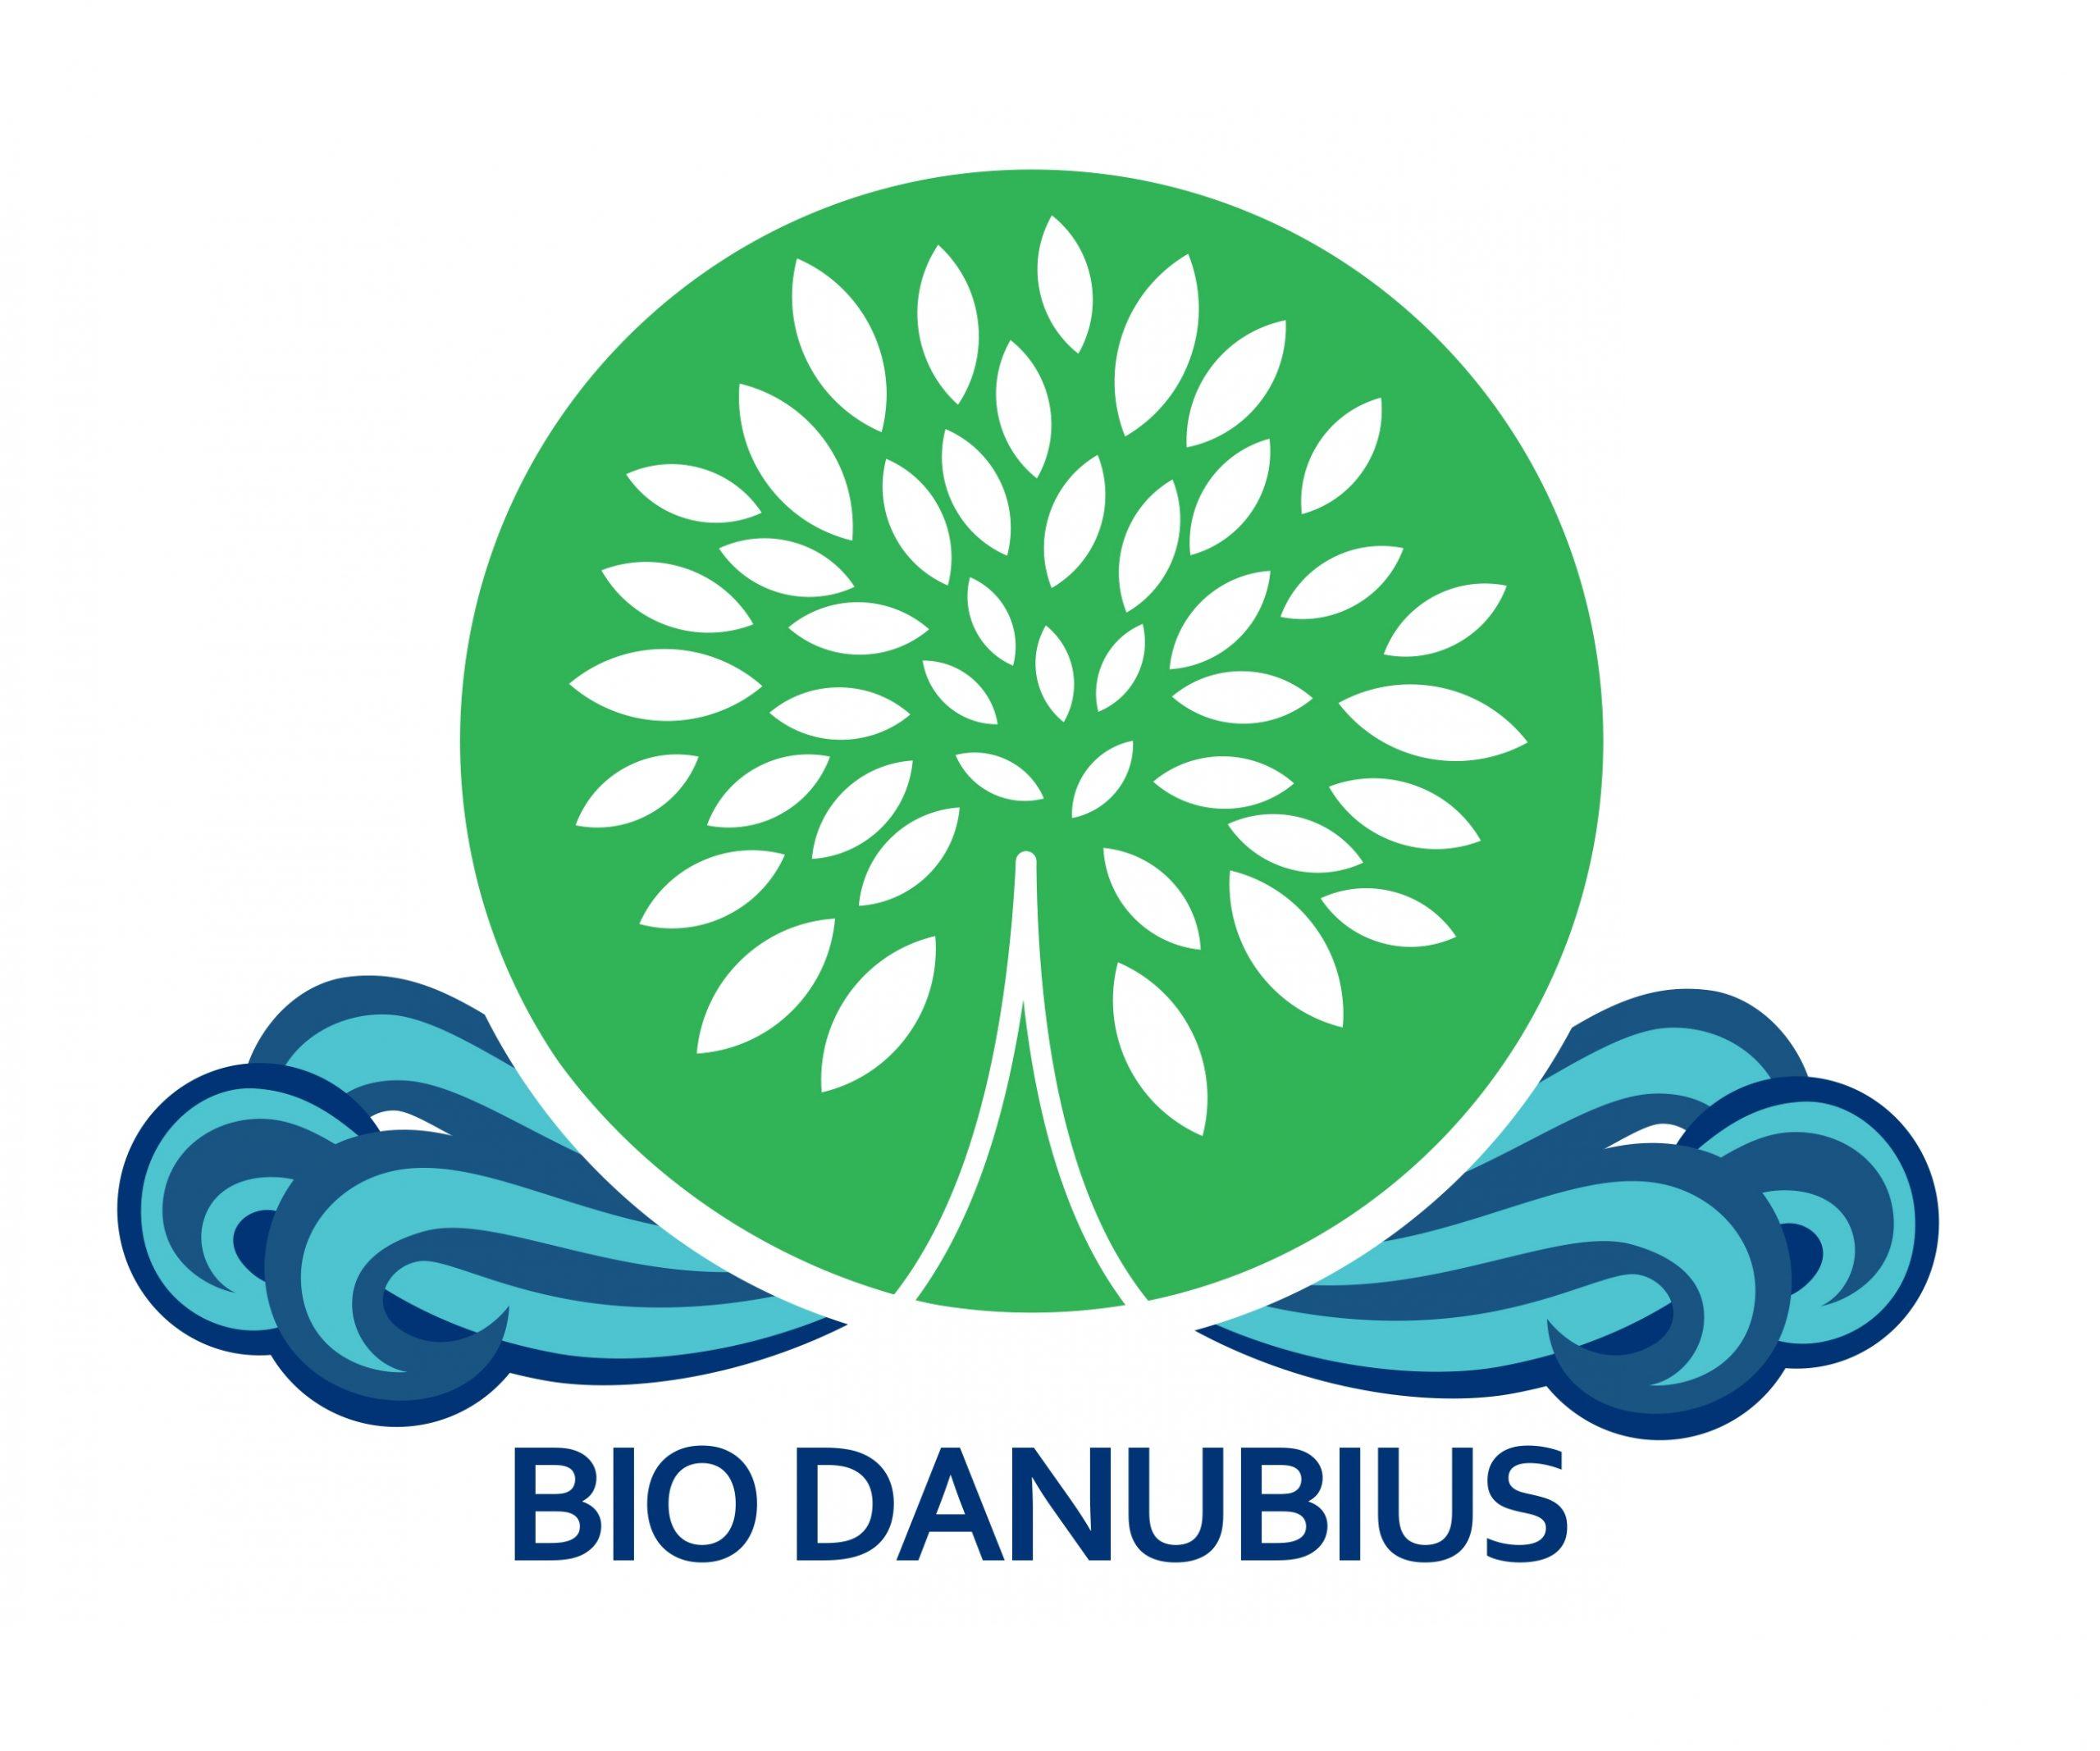 Bio Danubius